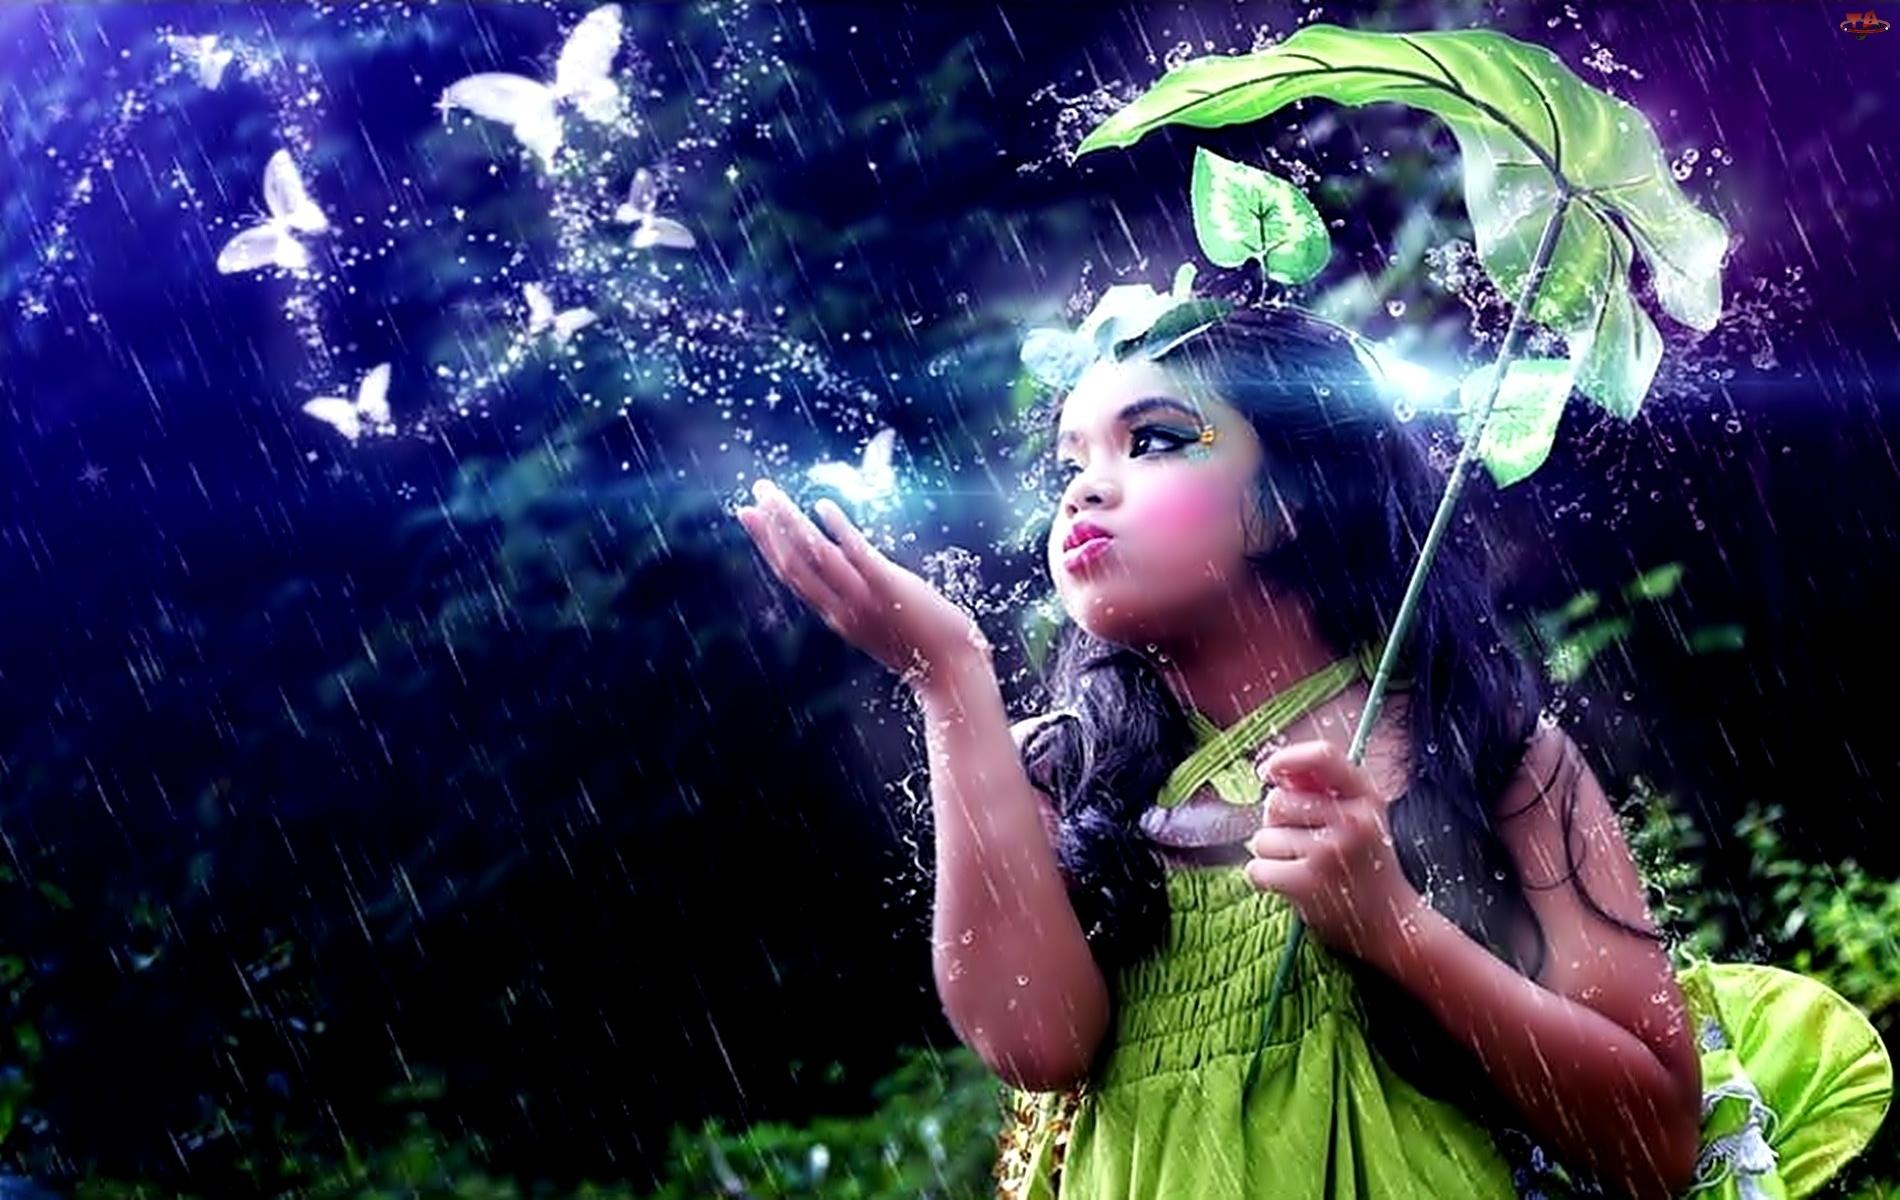 Motyle, Dziewczynka, Deszcz